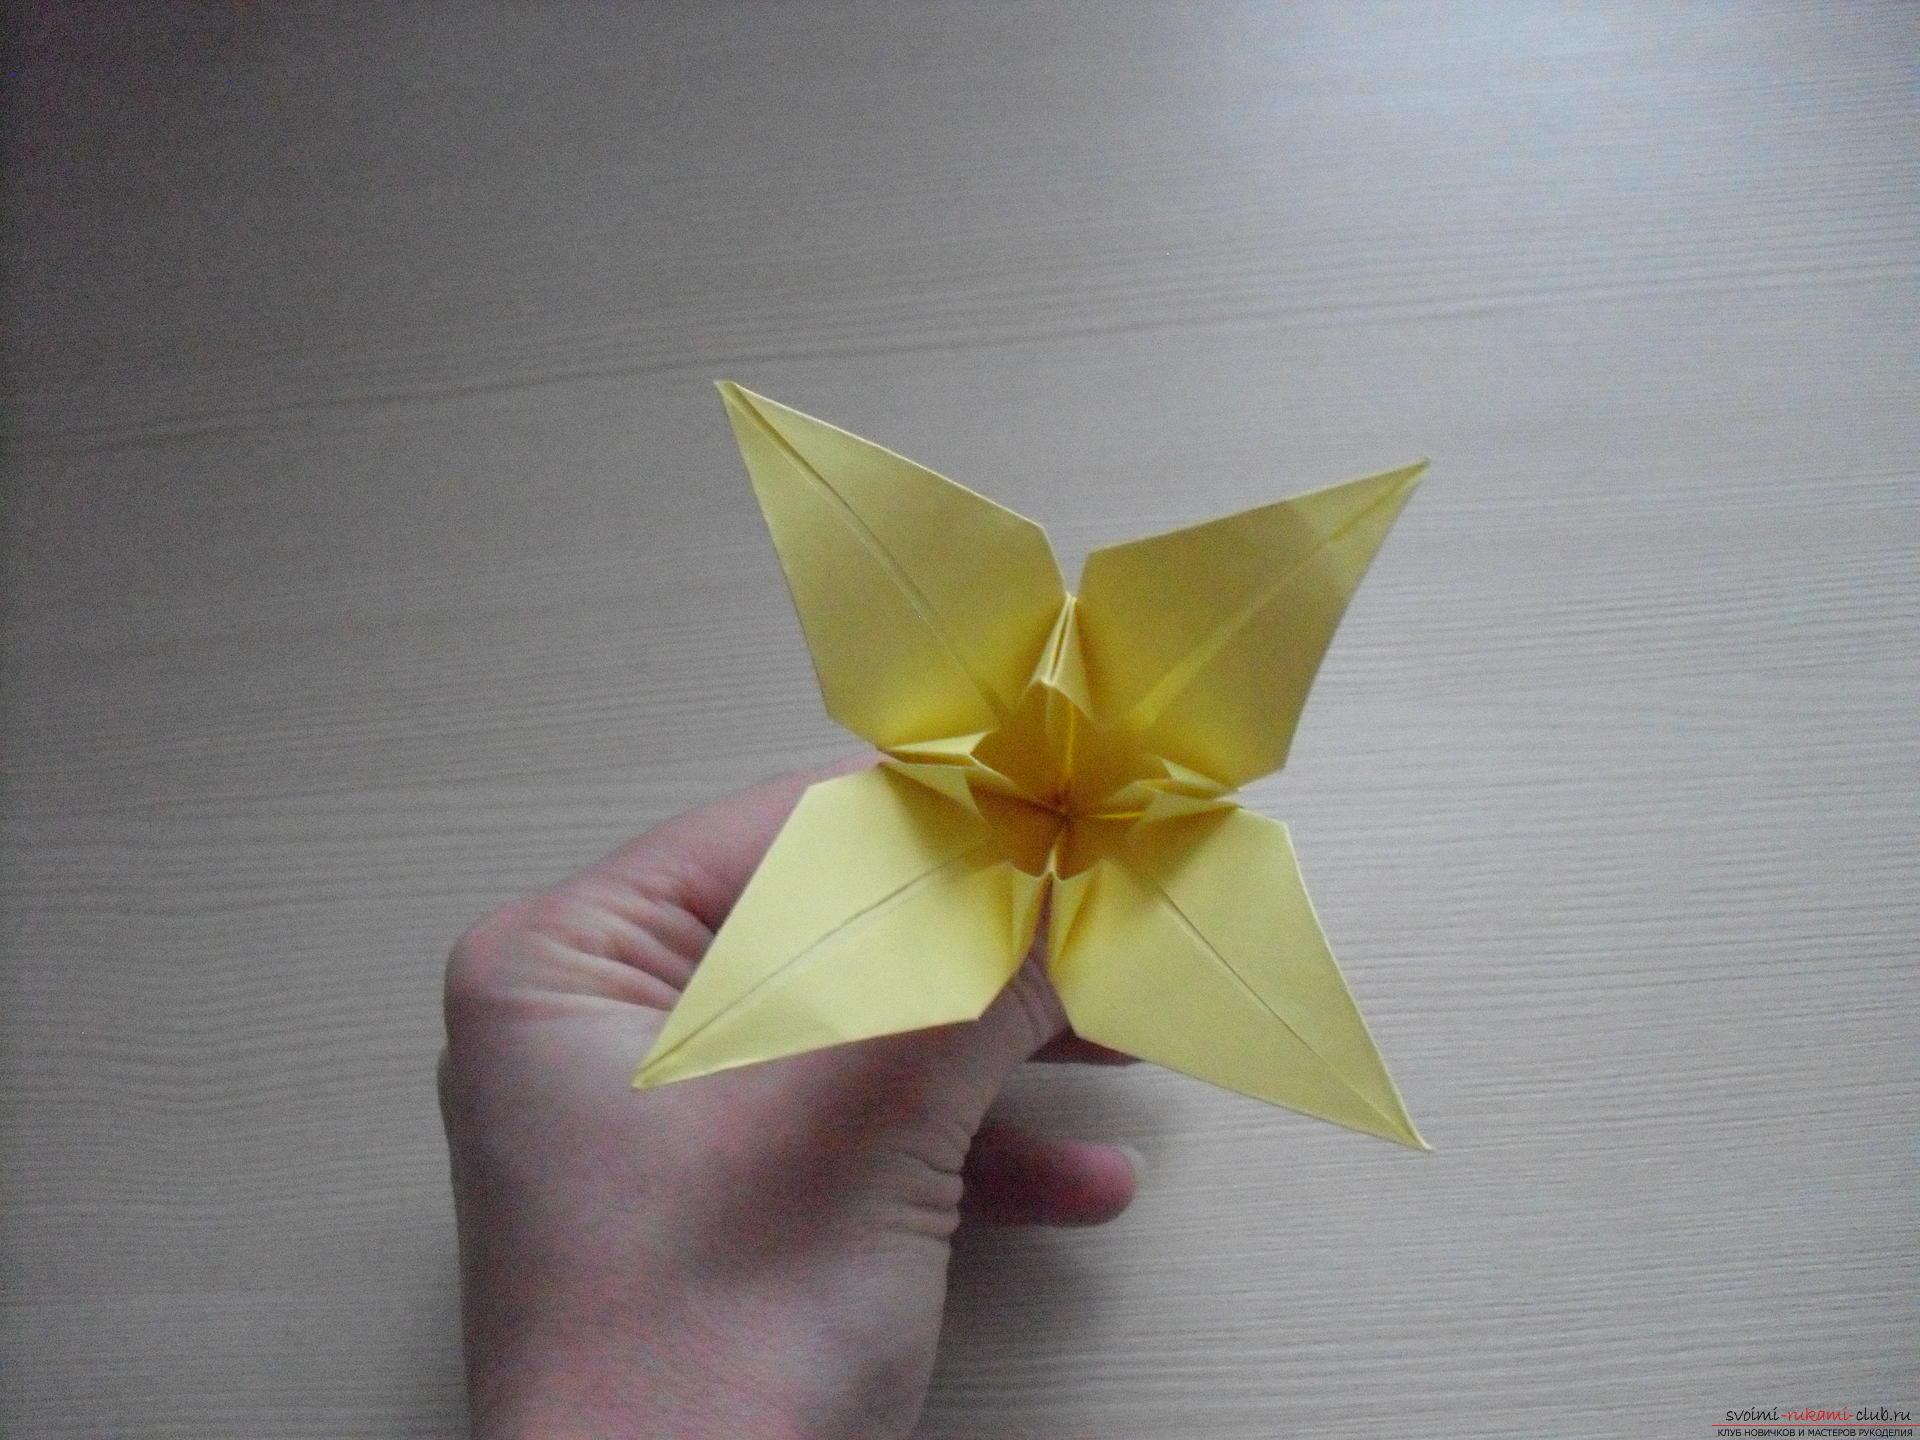 Этот пошаговый мастер-класс с инструкцией модульного оригами научит как сделать корзинку с лилиями.. Фото №37